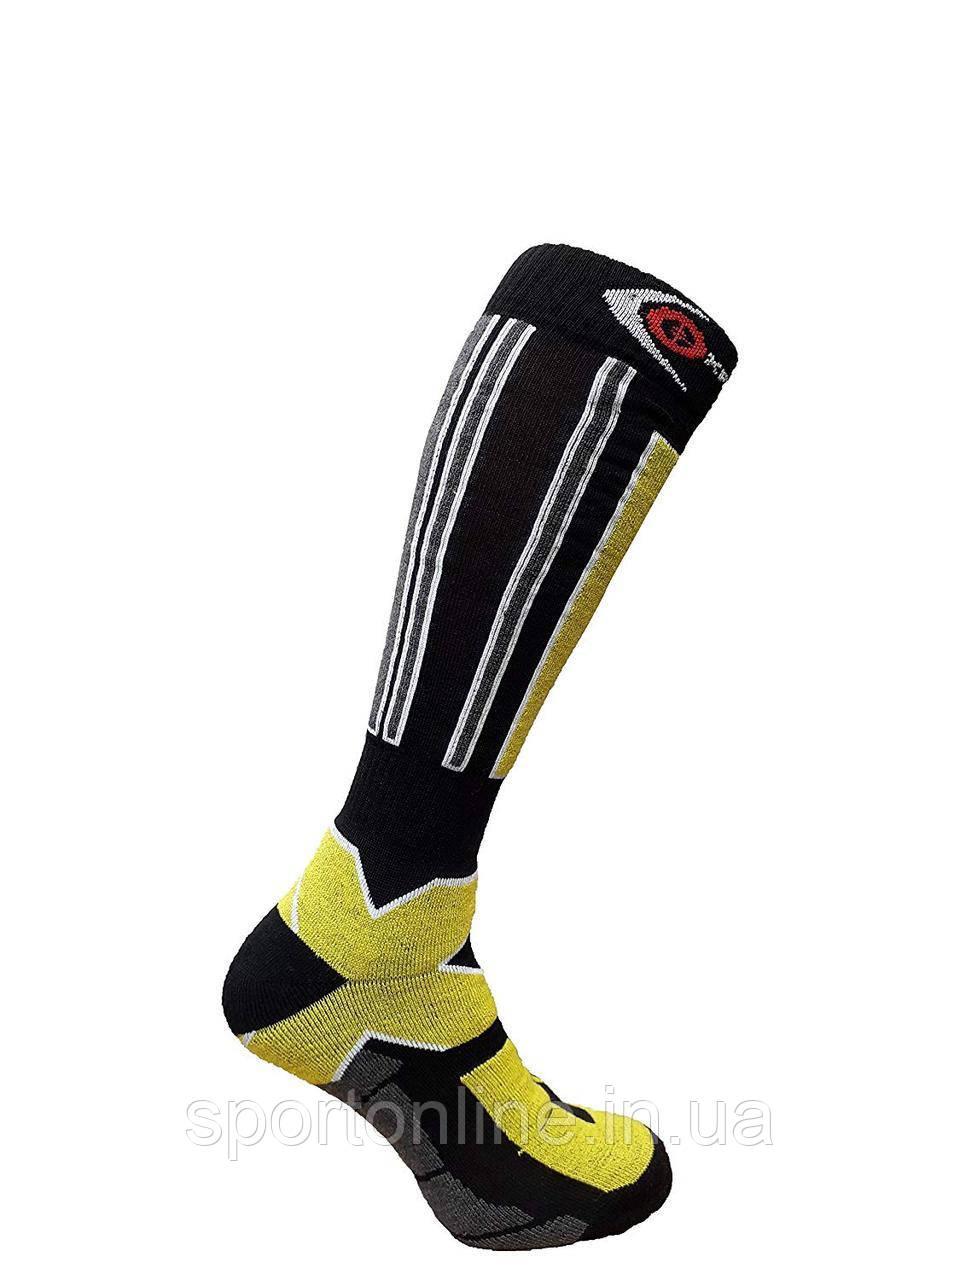 Термоноски горнолыжные Filmar Factory SKI Professional, черные+желтый